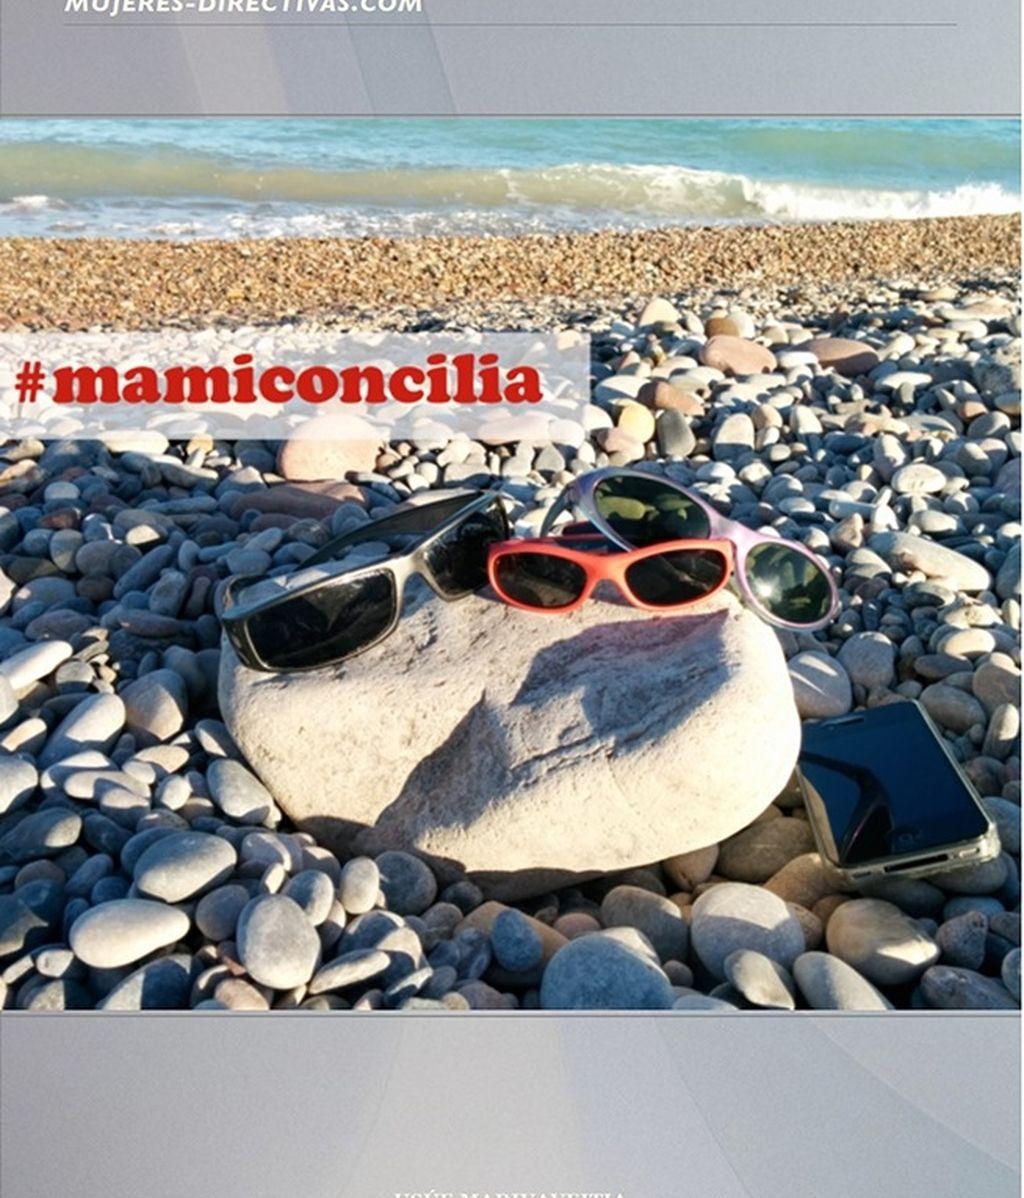 #mamiconcilia